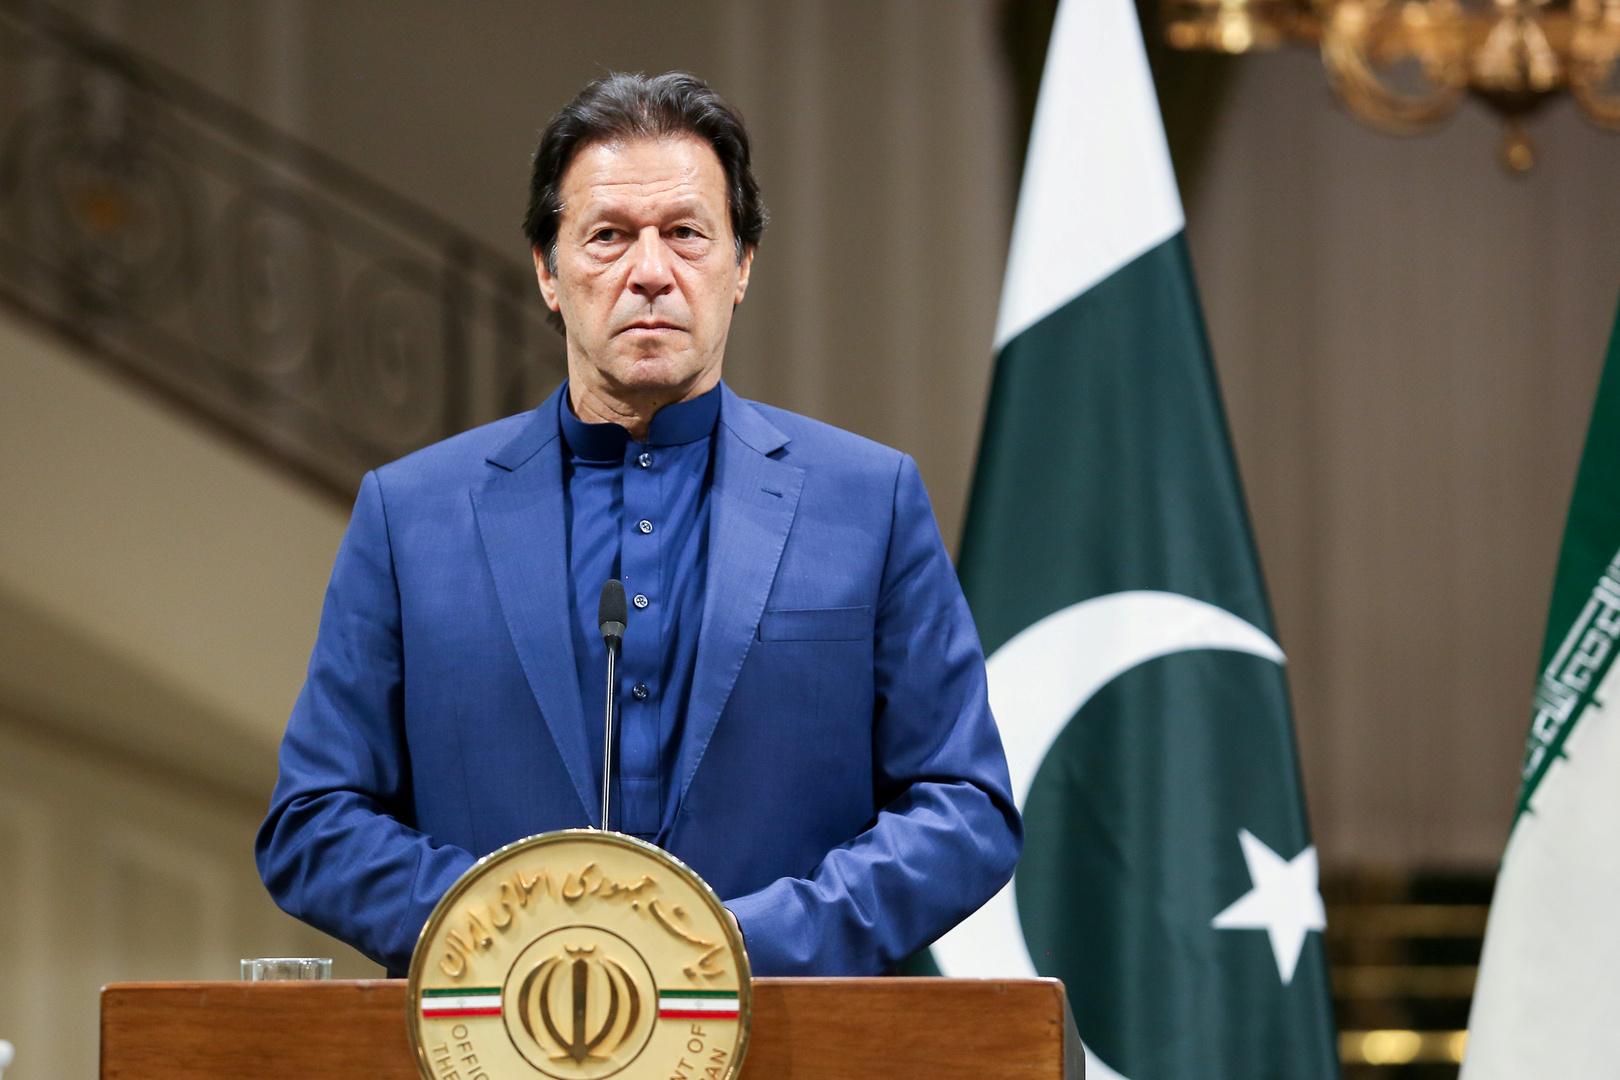 حملة شرسة ضد عمران خان في باكستان يقودها الإسلاميون